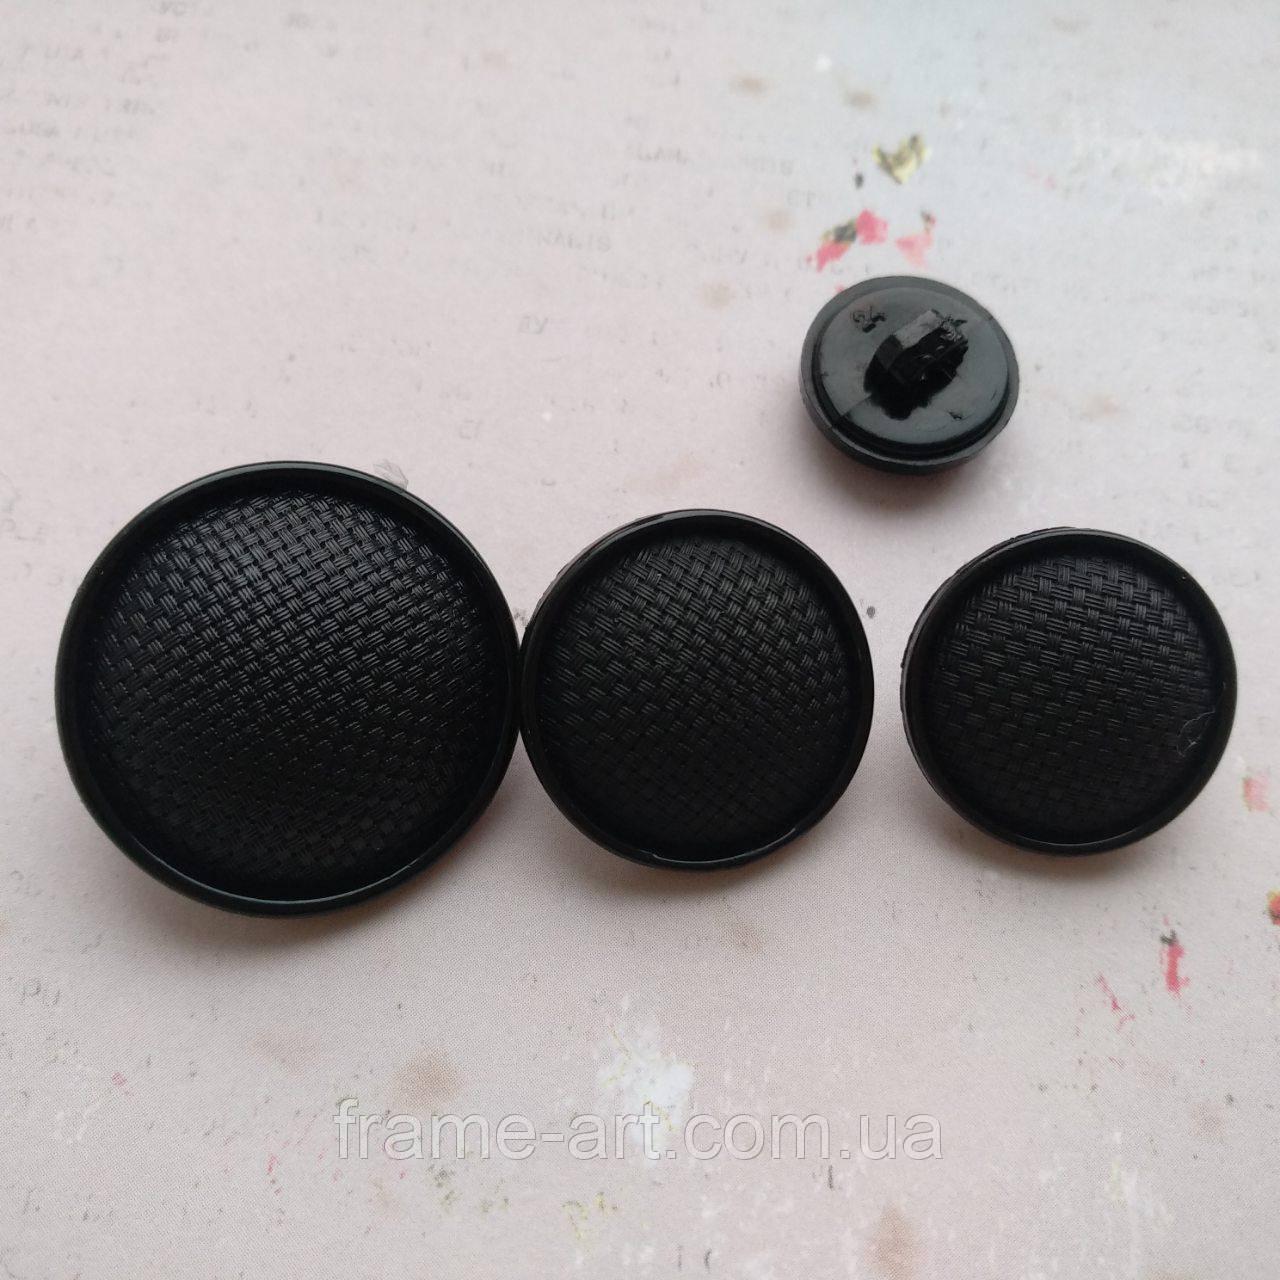 Пуговицы фигурные О-06 23мм черный